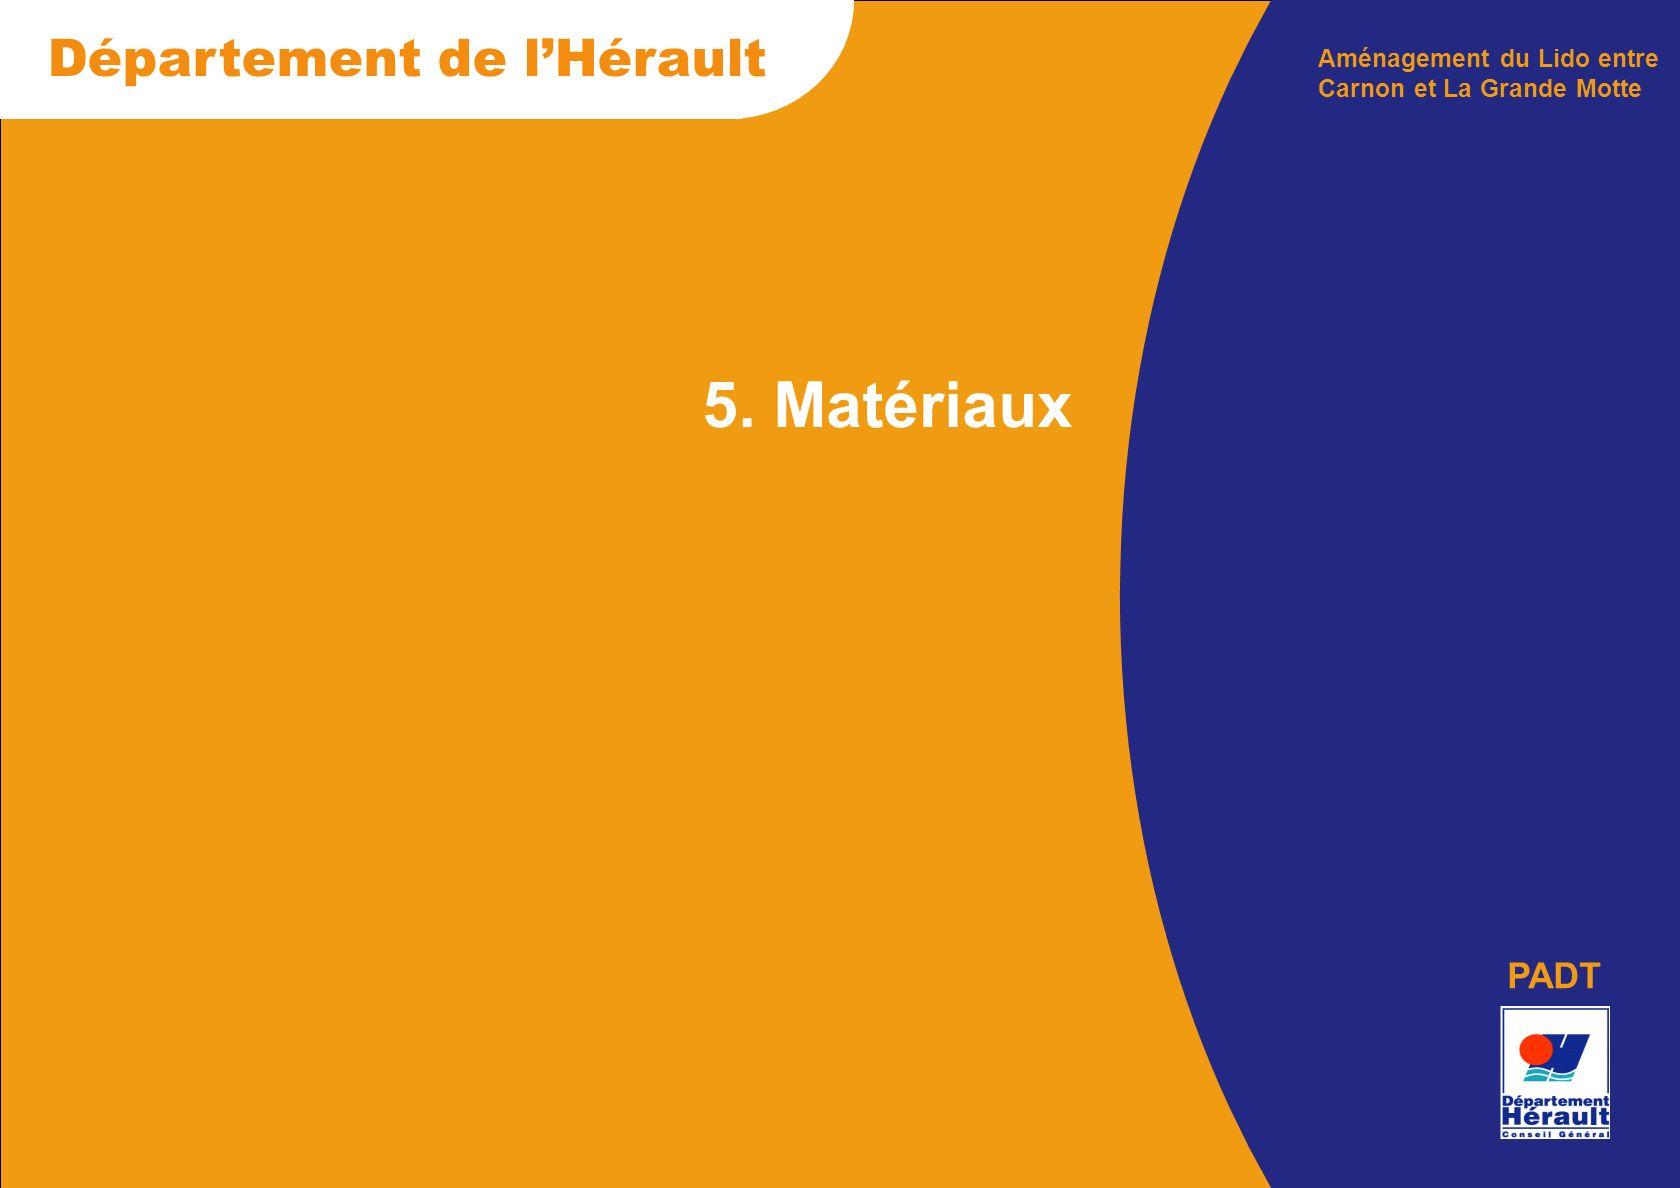 Département de lHérault PADT 5. Matériaux Aménagement du Lido entre Carnon et La Grande Motte